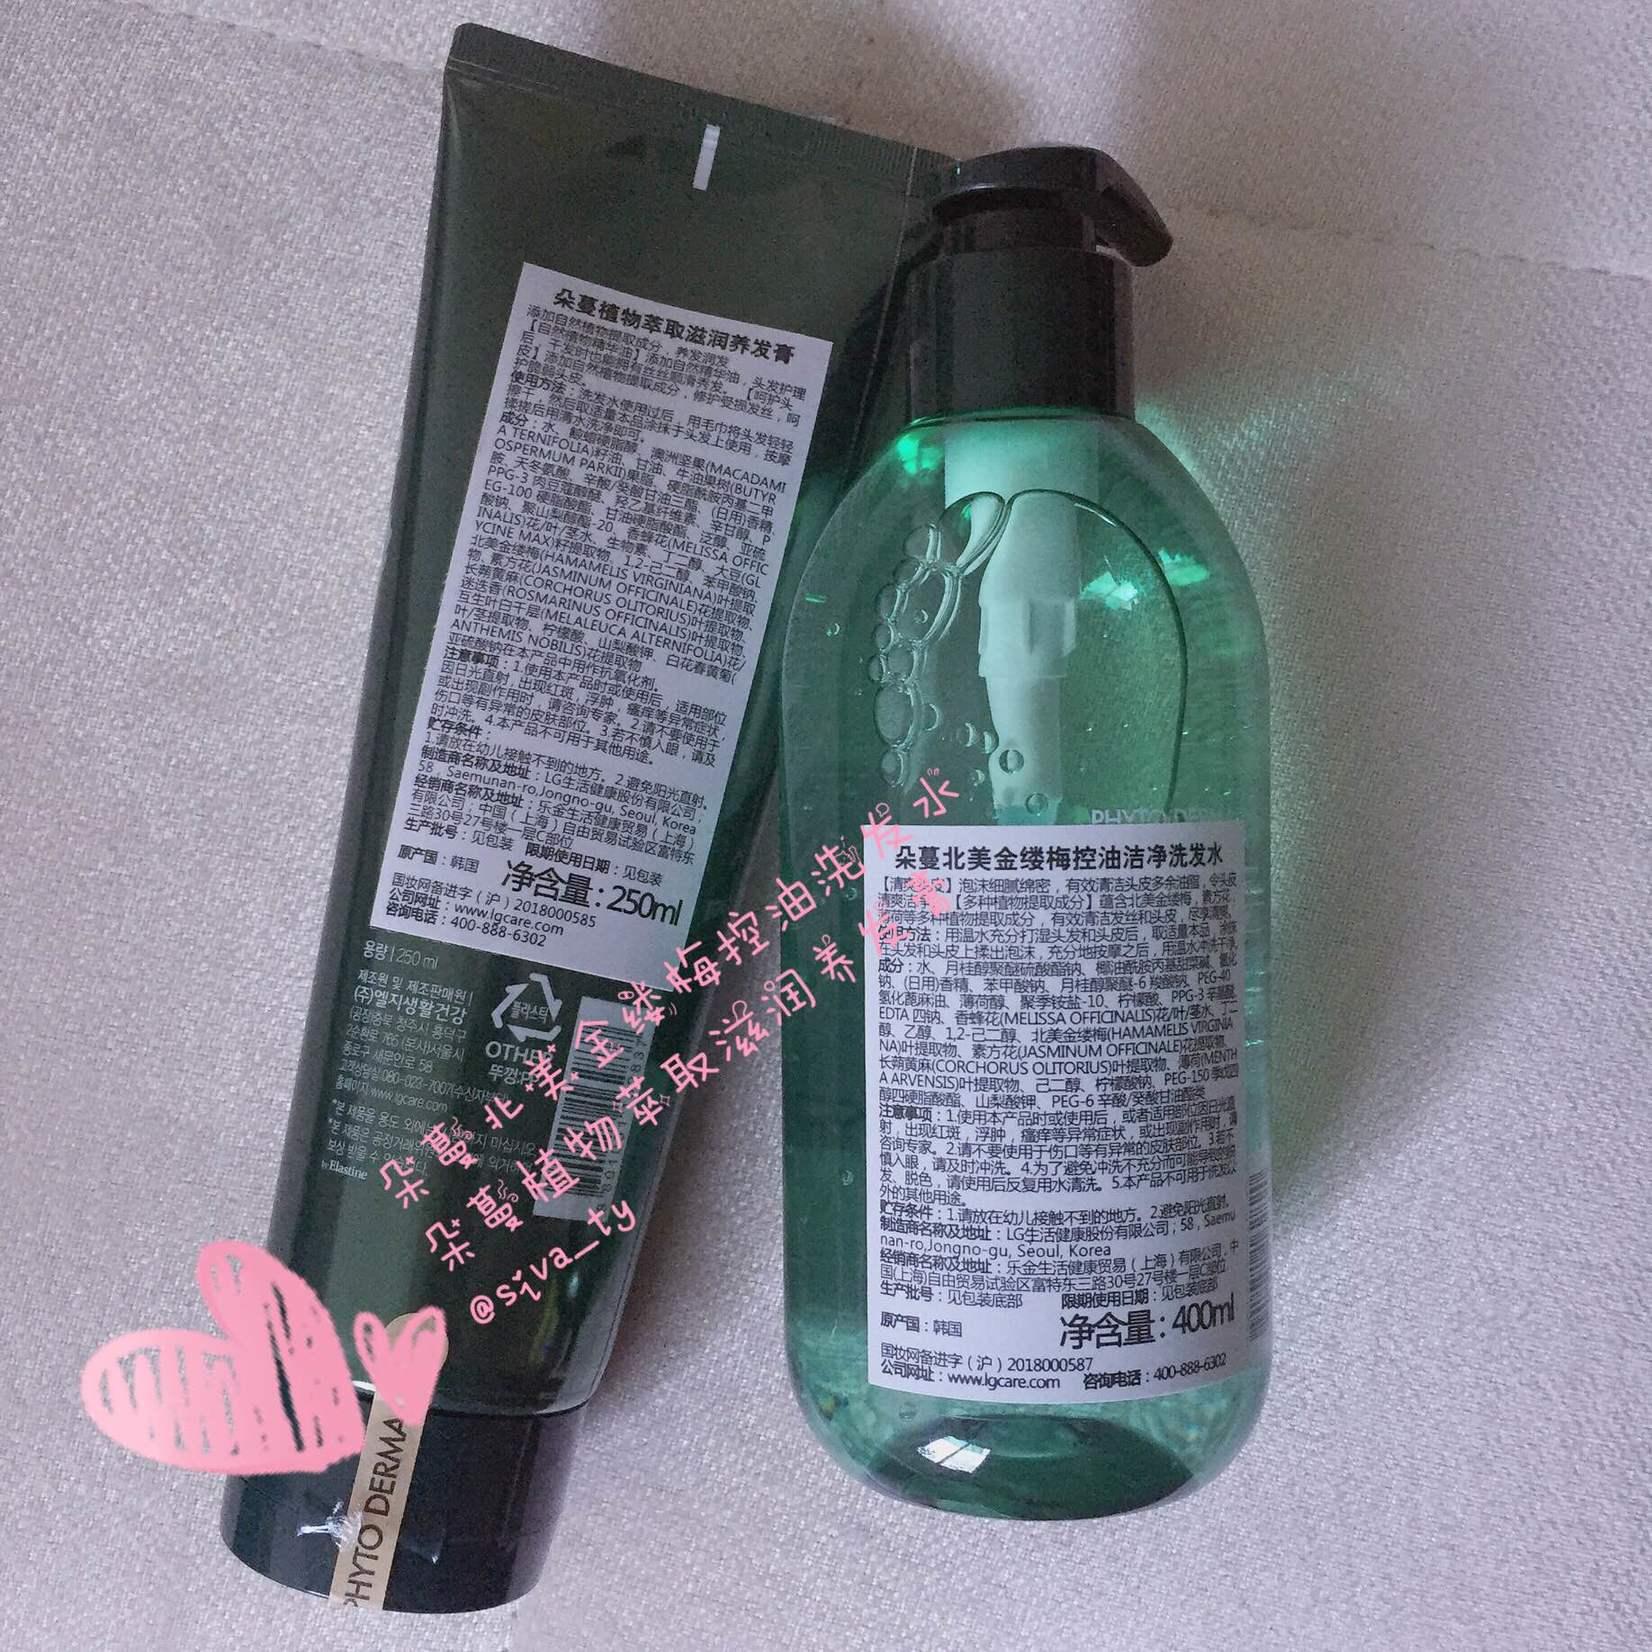 朵蔓北美金缕梅控油洁净洗发水